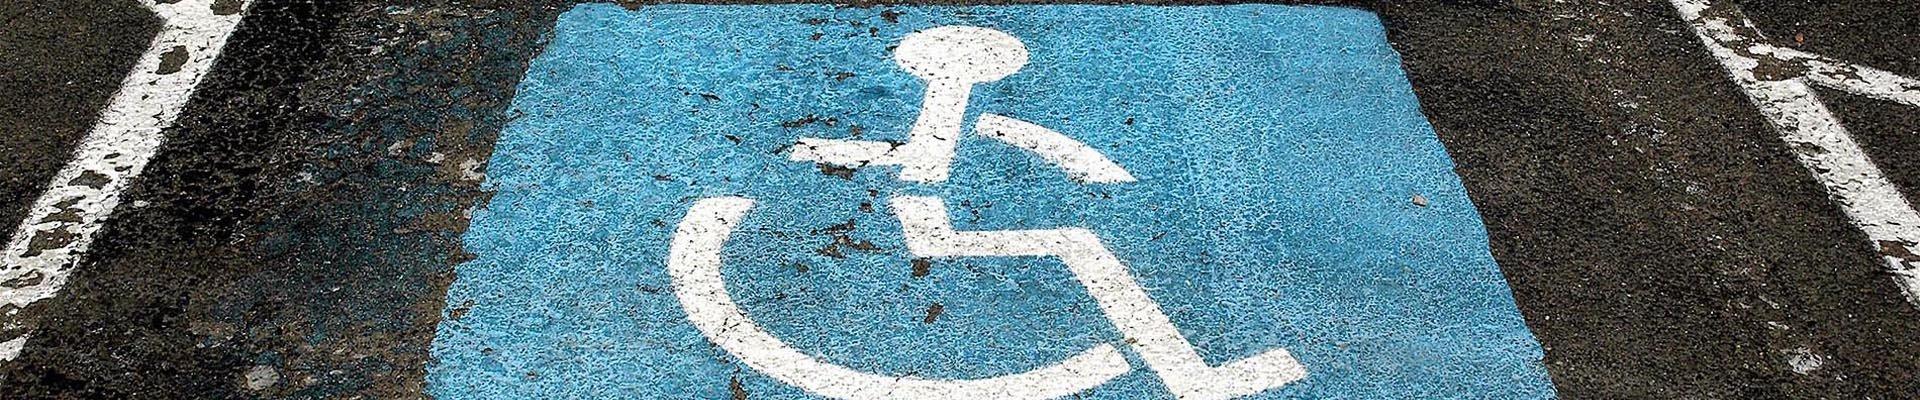 Invalidität Versicherung BestensVersichert.at